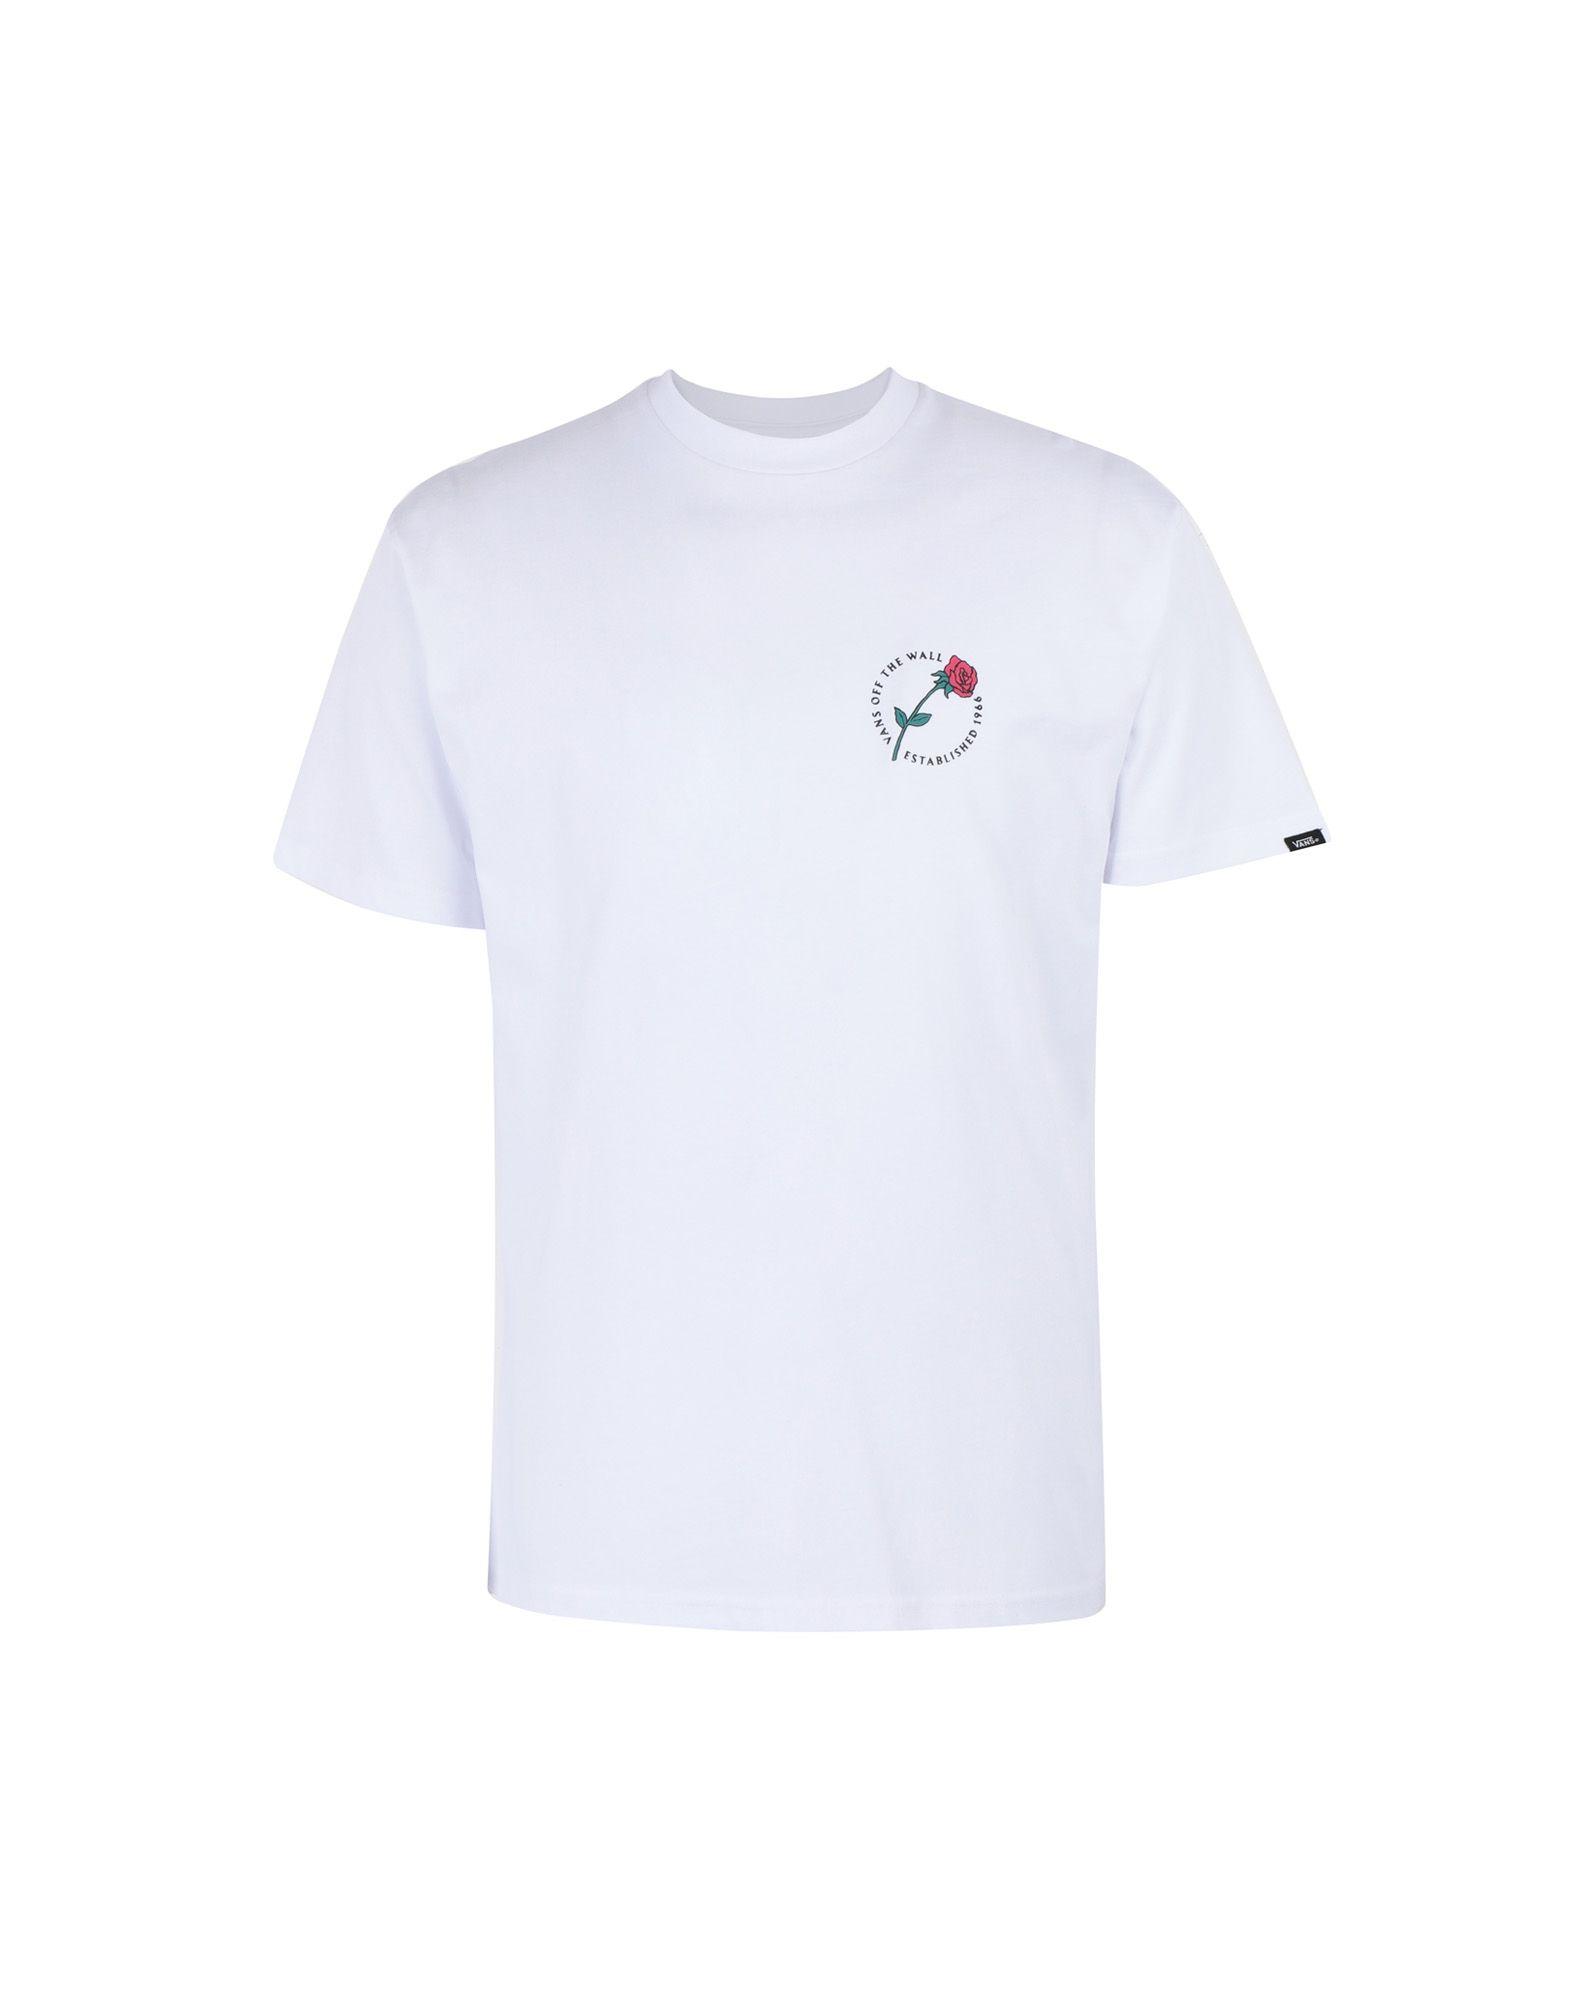 《期間限定セール中》VANS メンズ T シャツ ホワイト S コットン 100% MN COMING UP ROSES SS